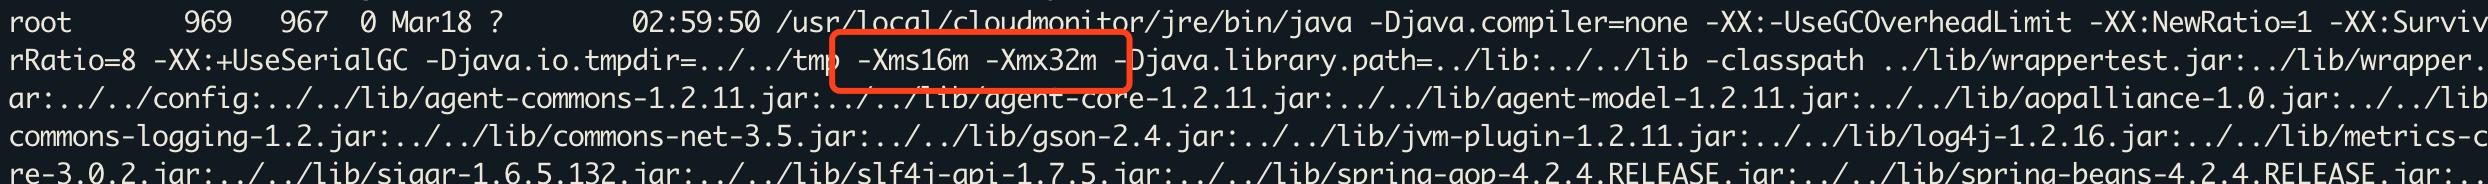 java进程的xms和xmx设置